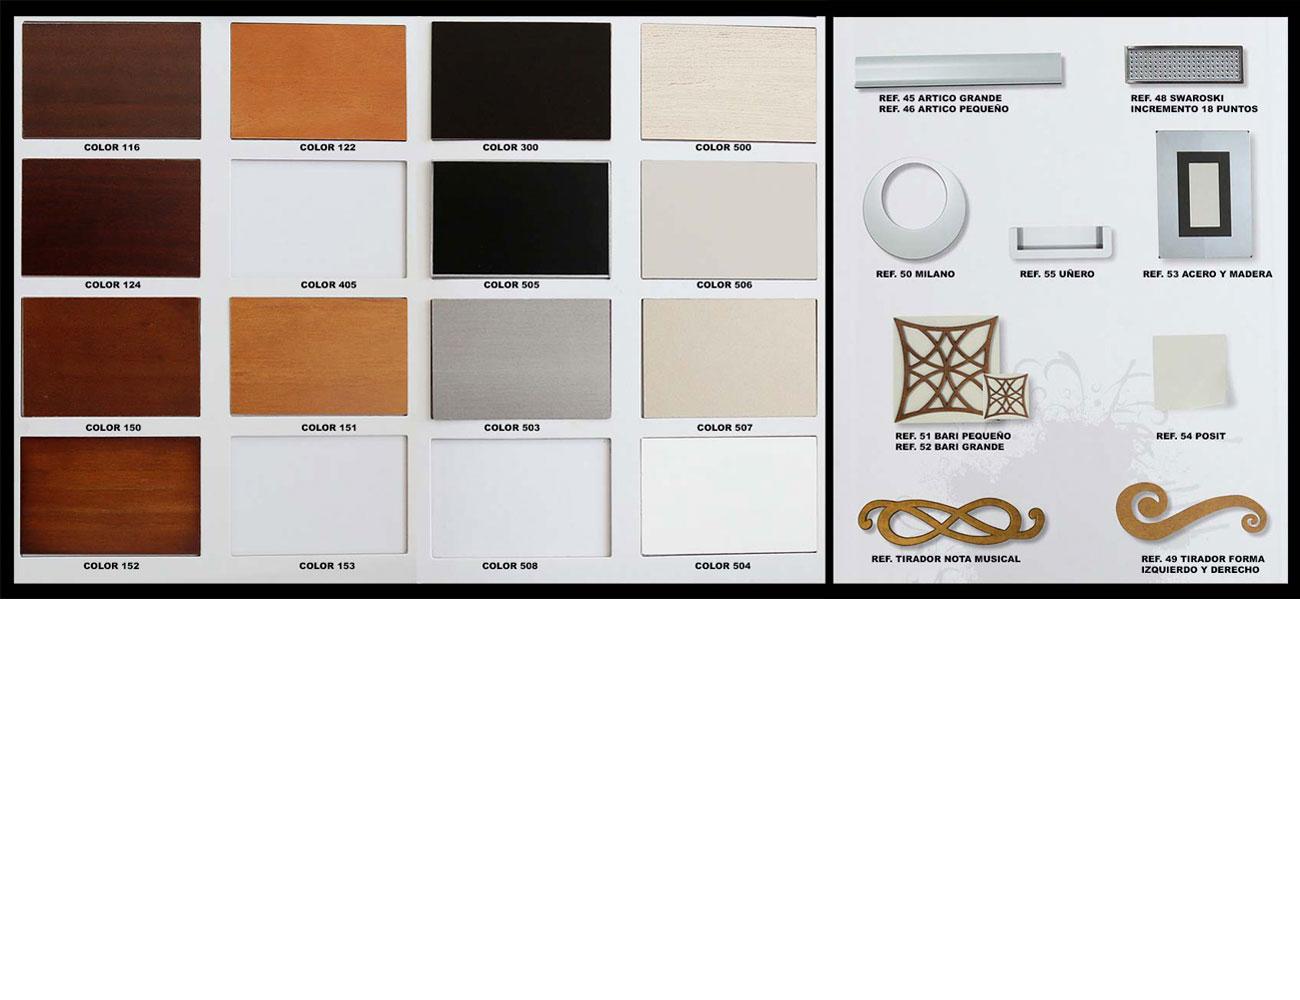 Colores tiradores23